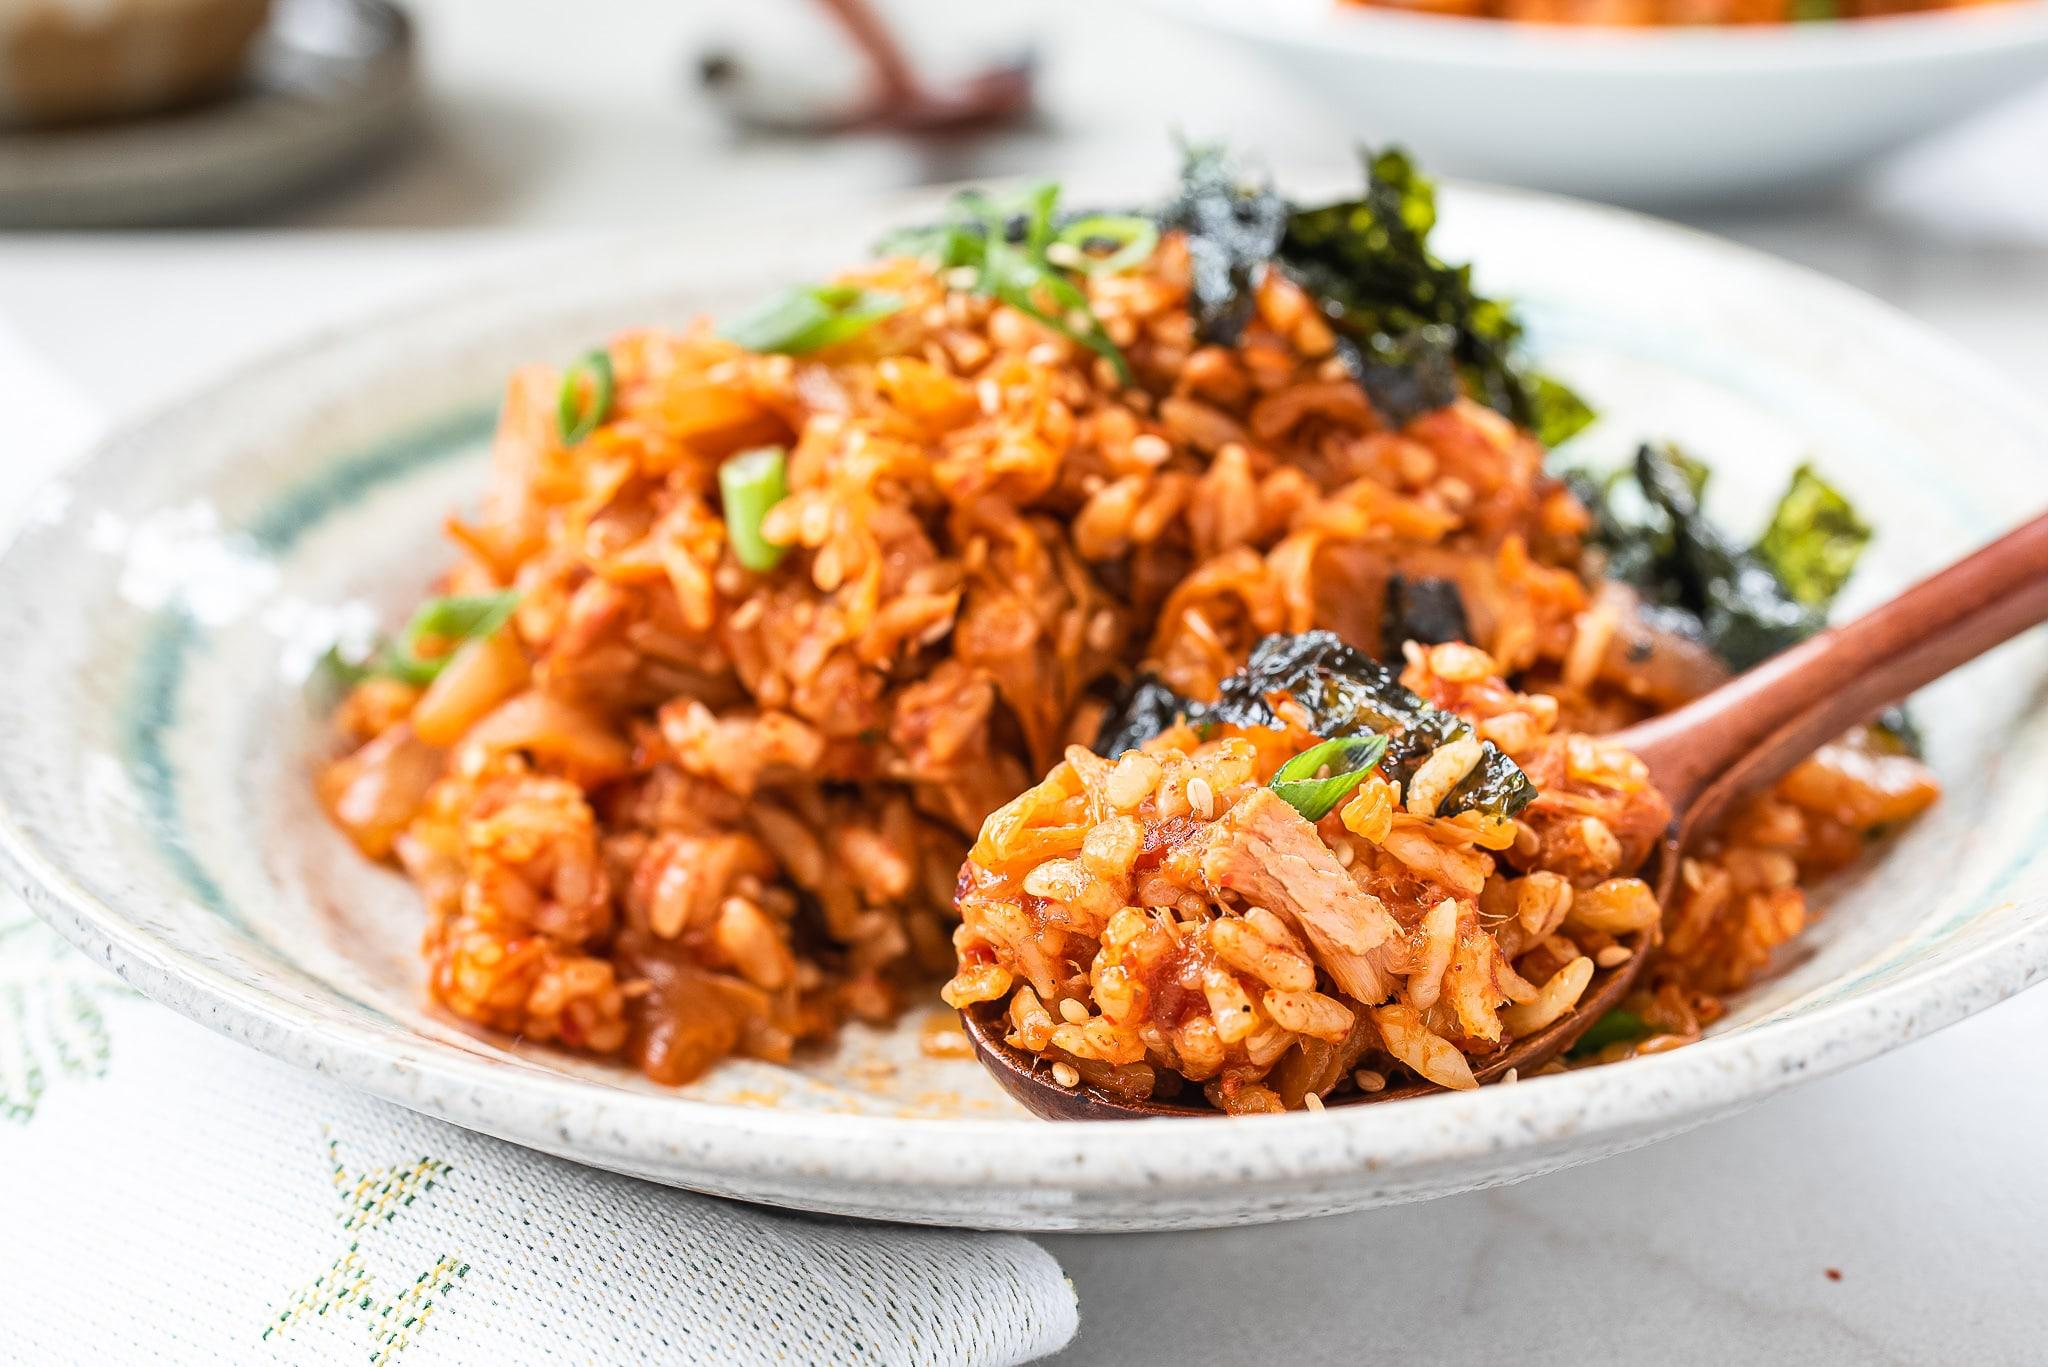 DSC6205 - Kimchi Fried Rice (Kimchi Bokkeum Bap)